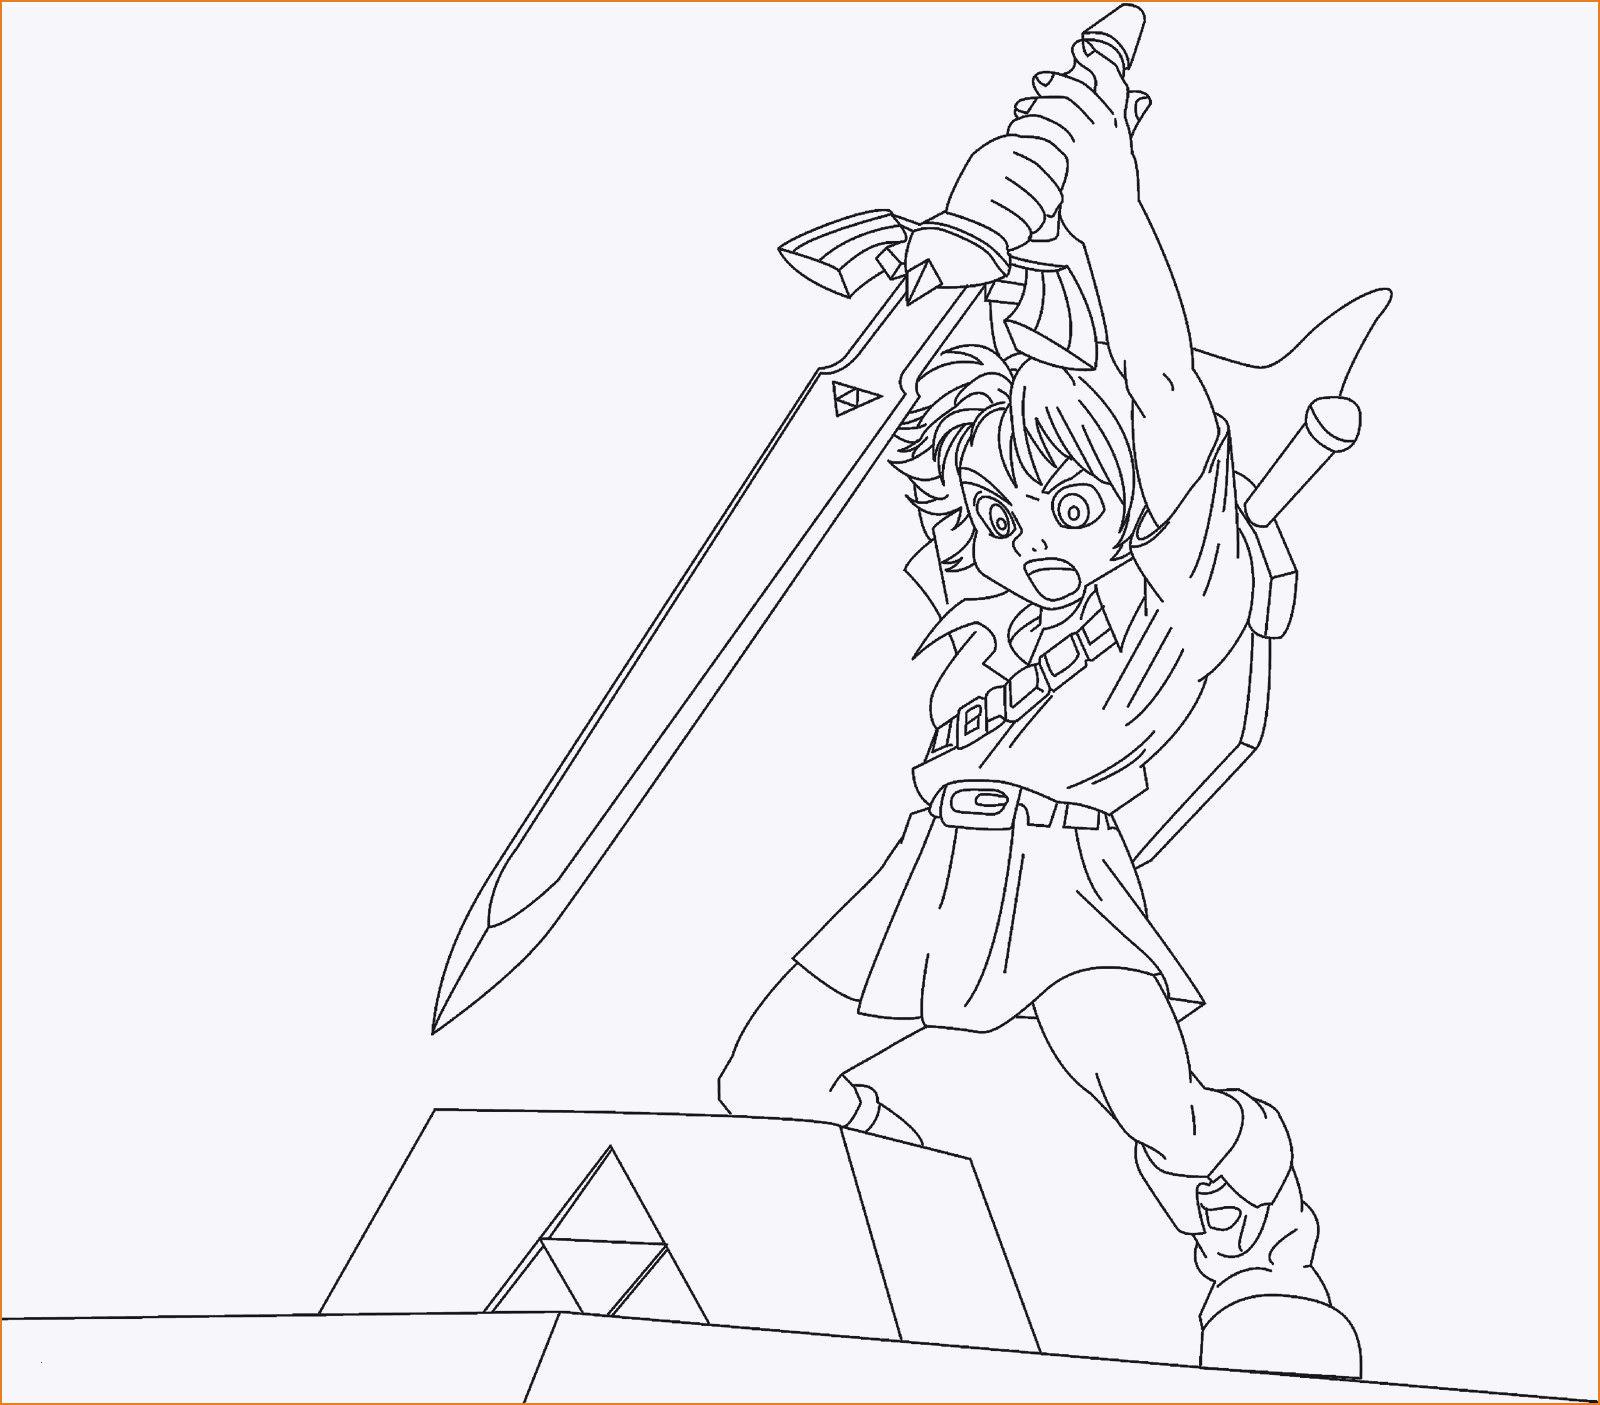 The Legend Of Zelda Ausmalbilder Genial Ausmalbilder Sam Einzigartig Malvorlagen Din A4 Elegant Zelda Fotografieren